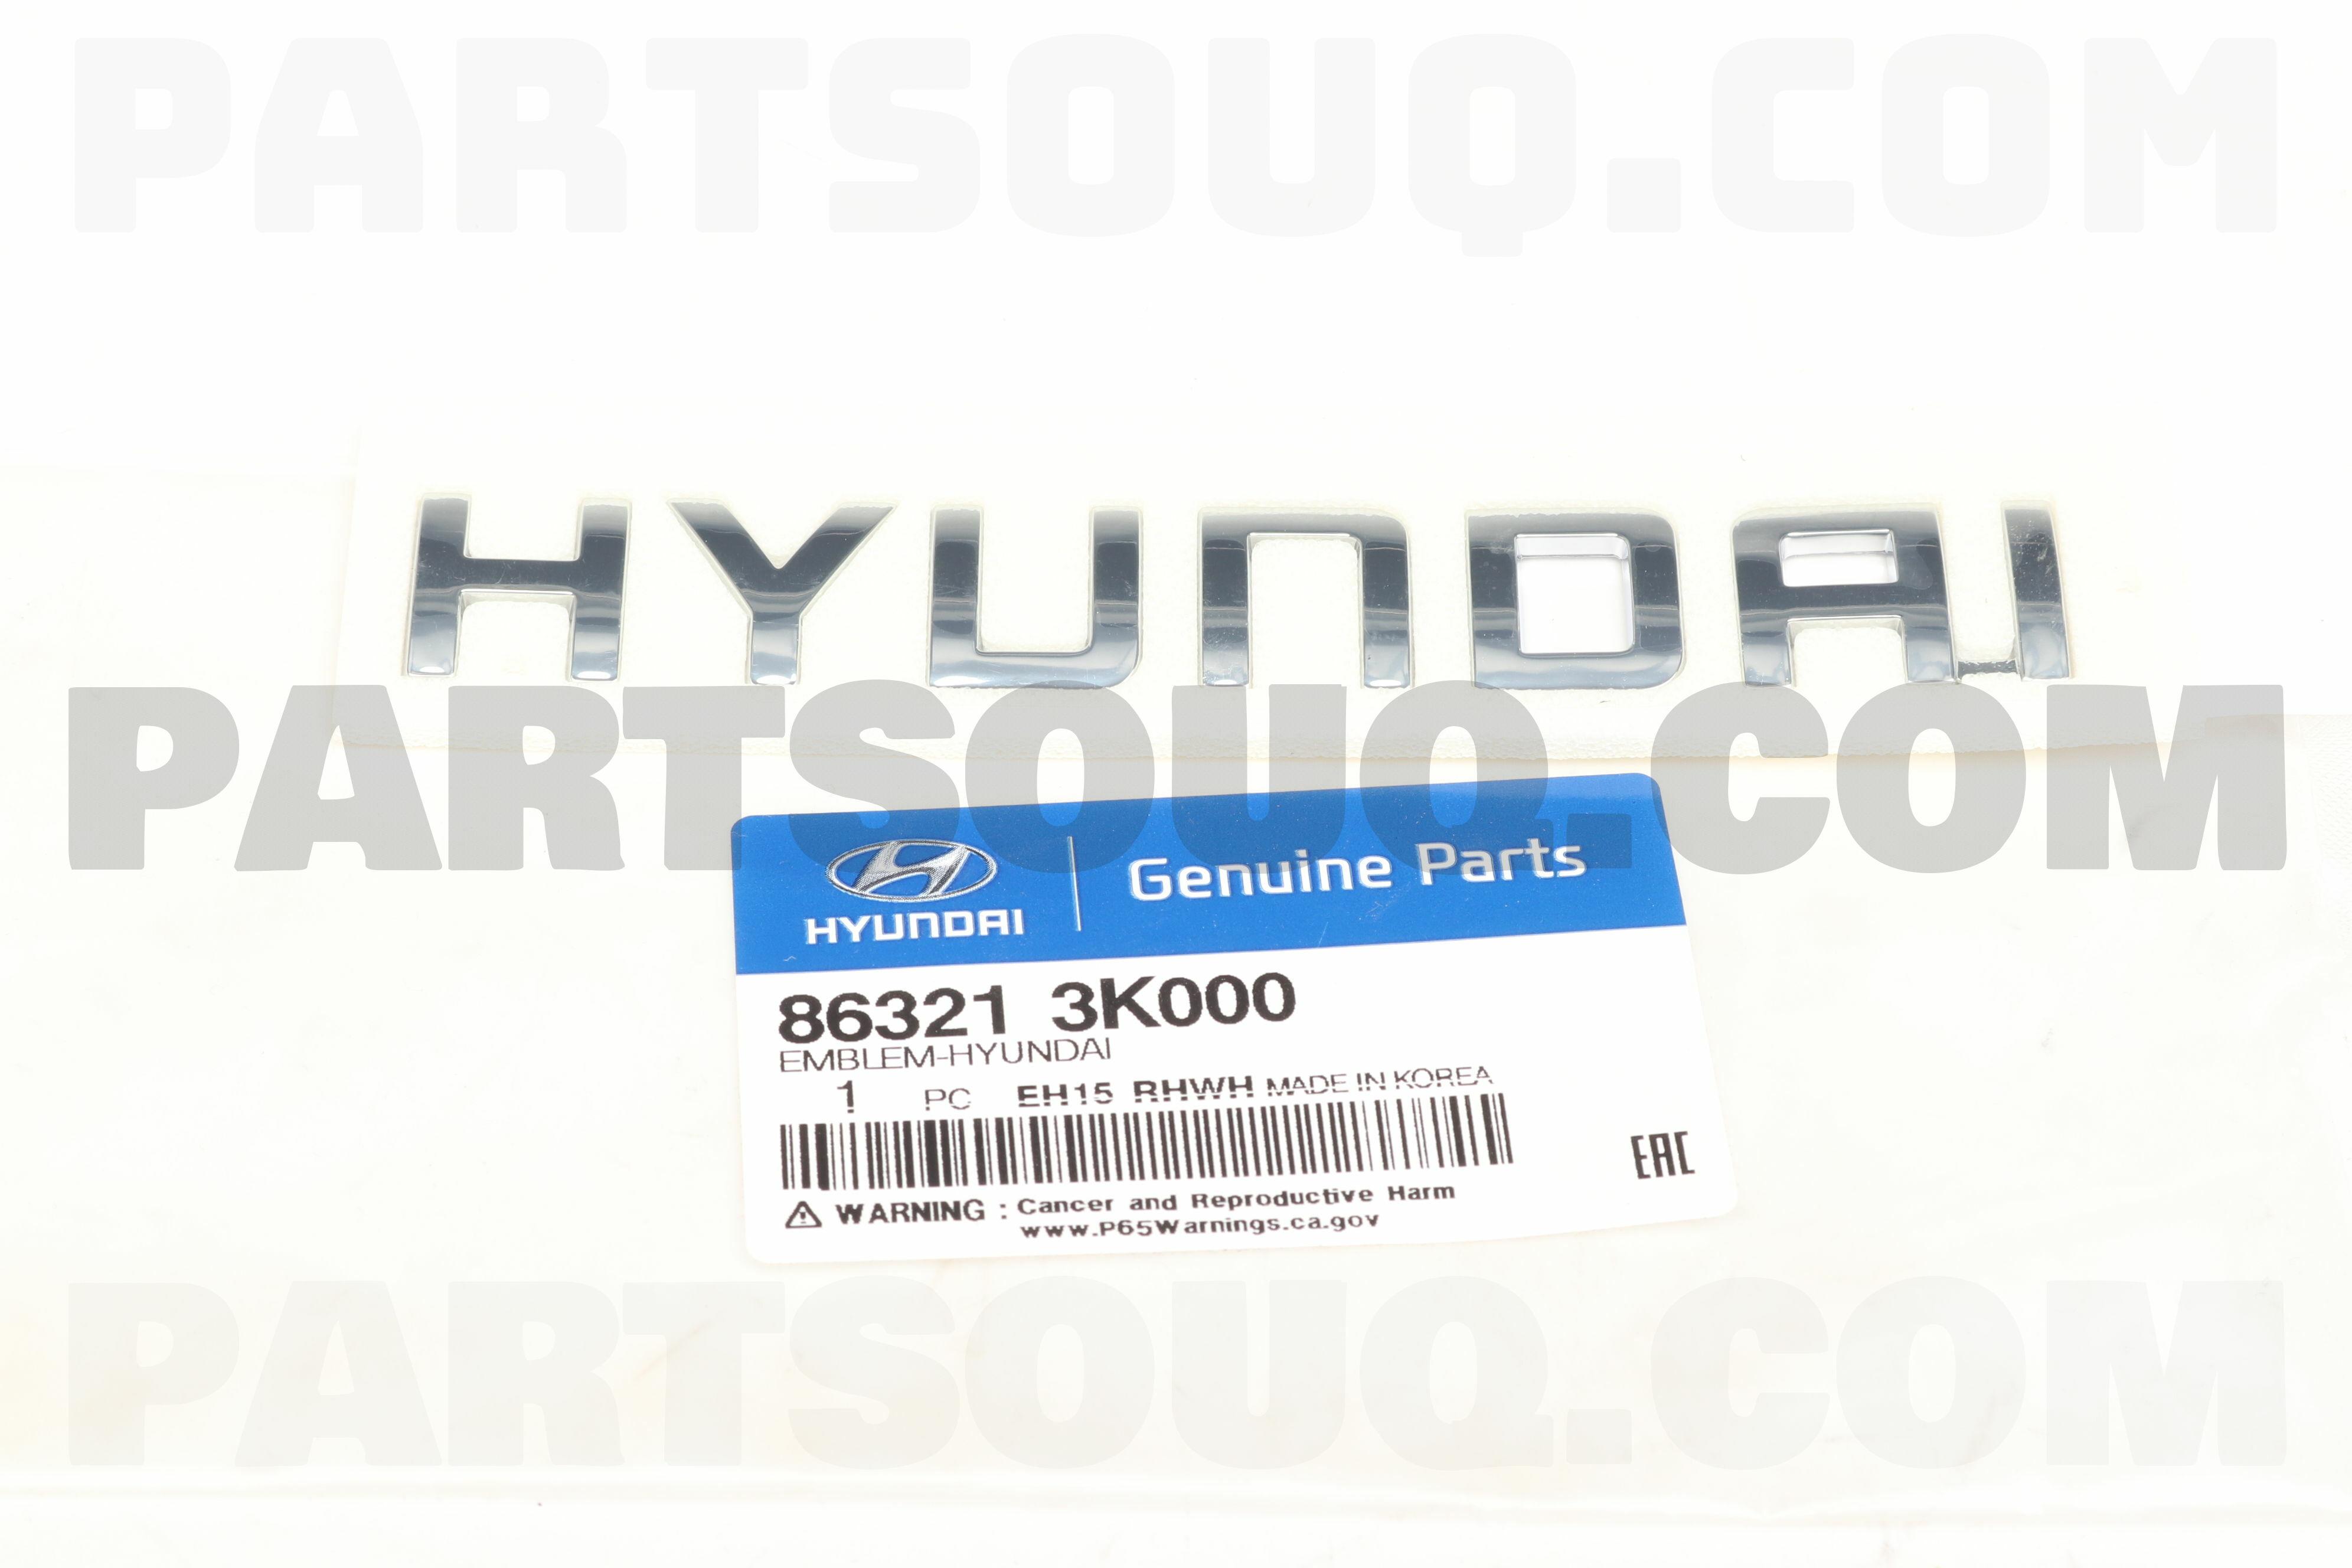 Genuine Hyundai Accessories 86321-3K000 Hyundai Emblem